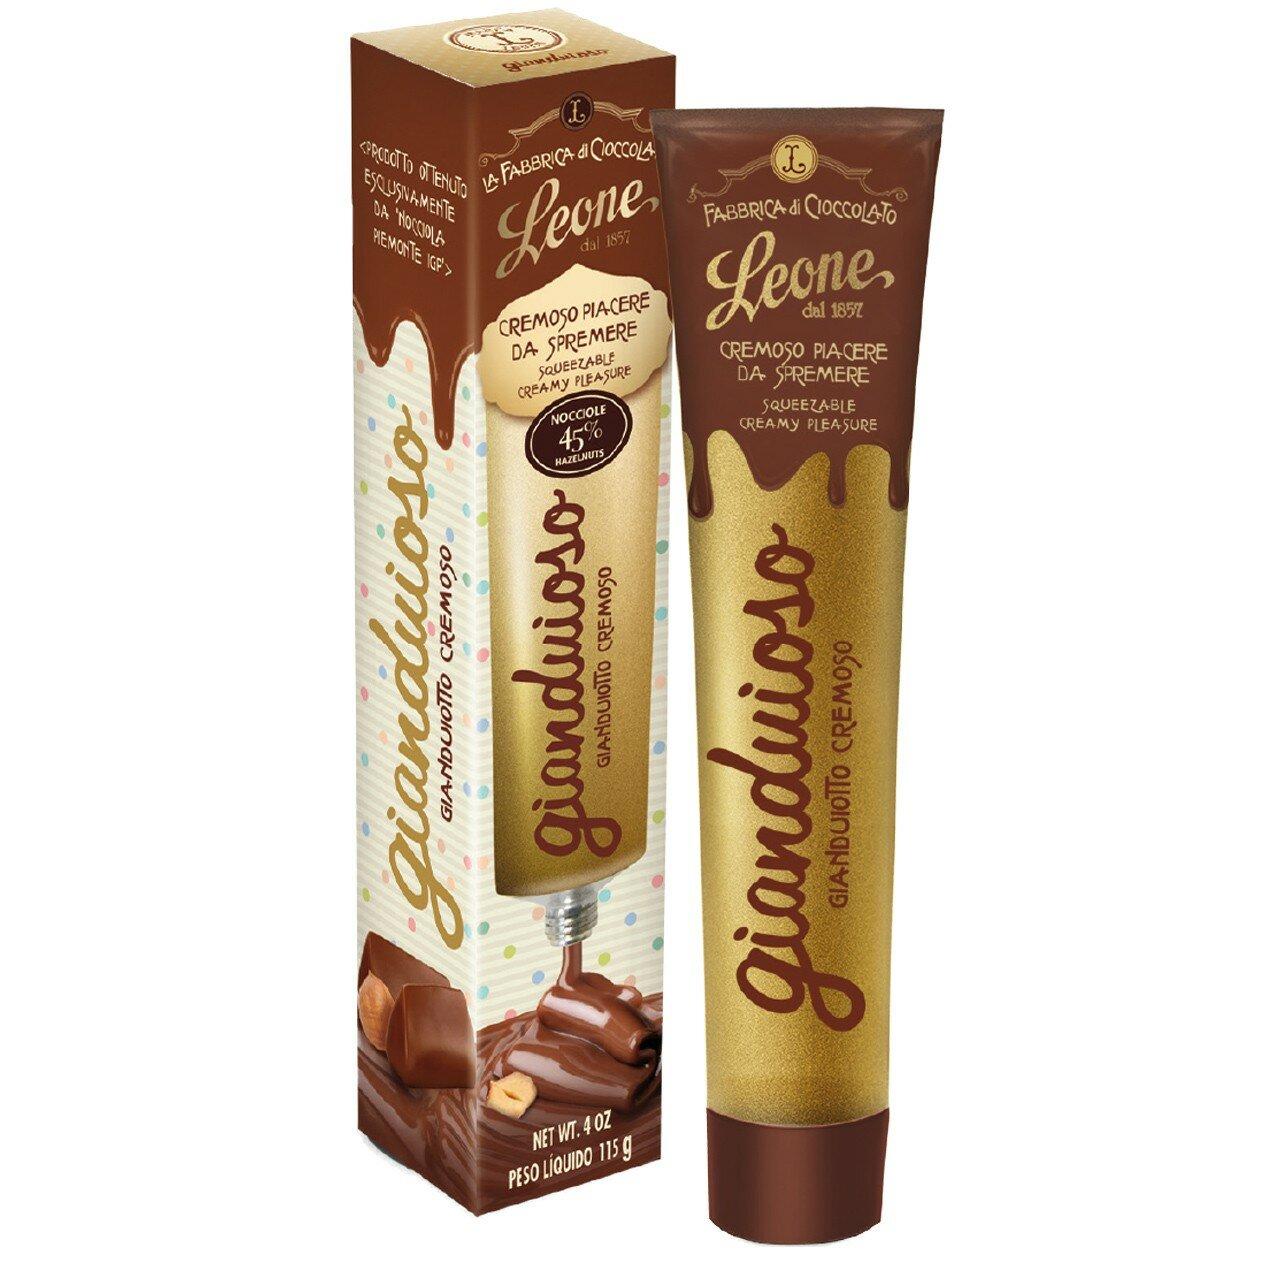 Cioccolato Cremoso Tubetto Gianduioso